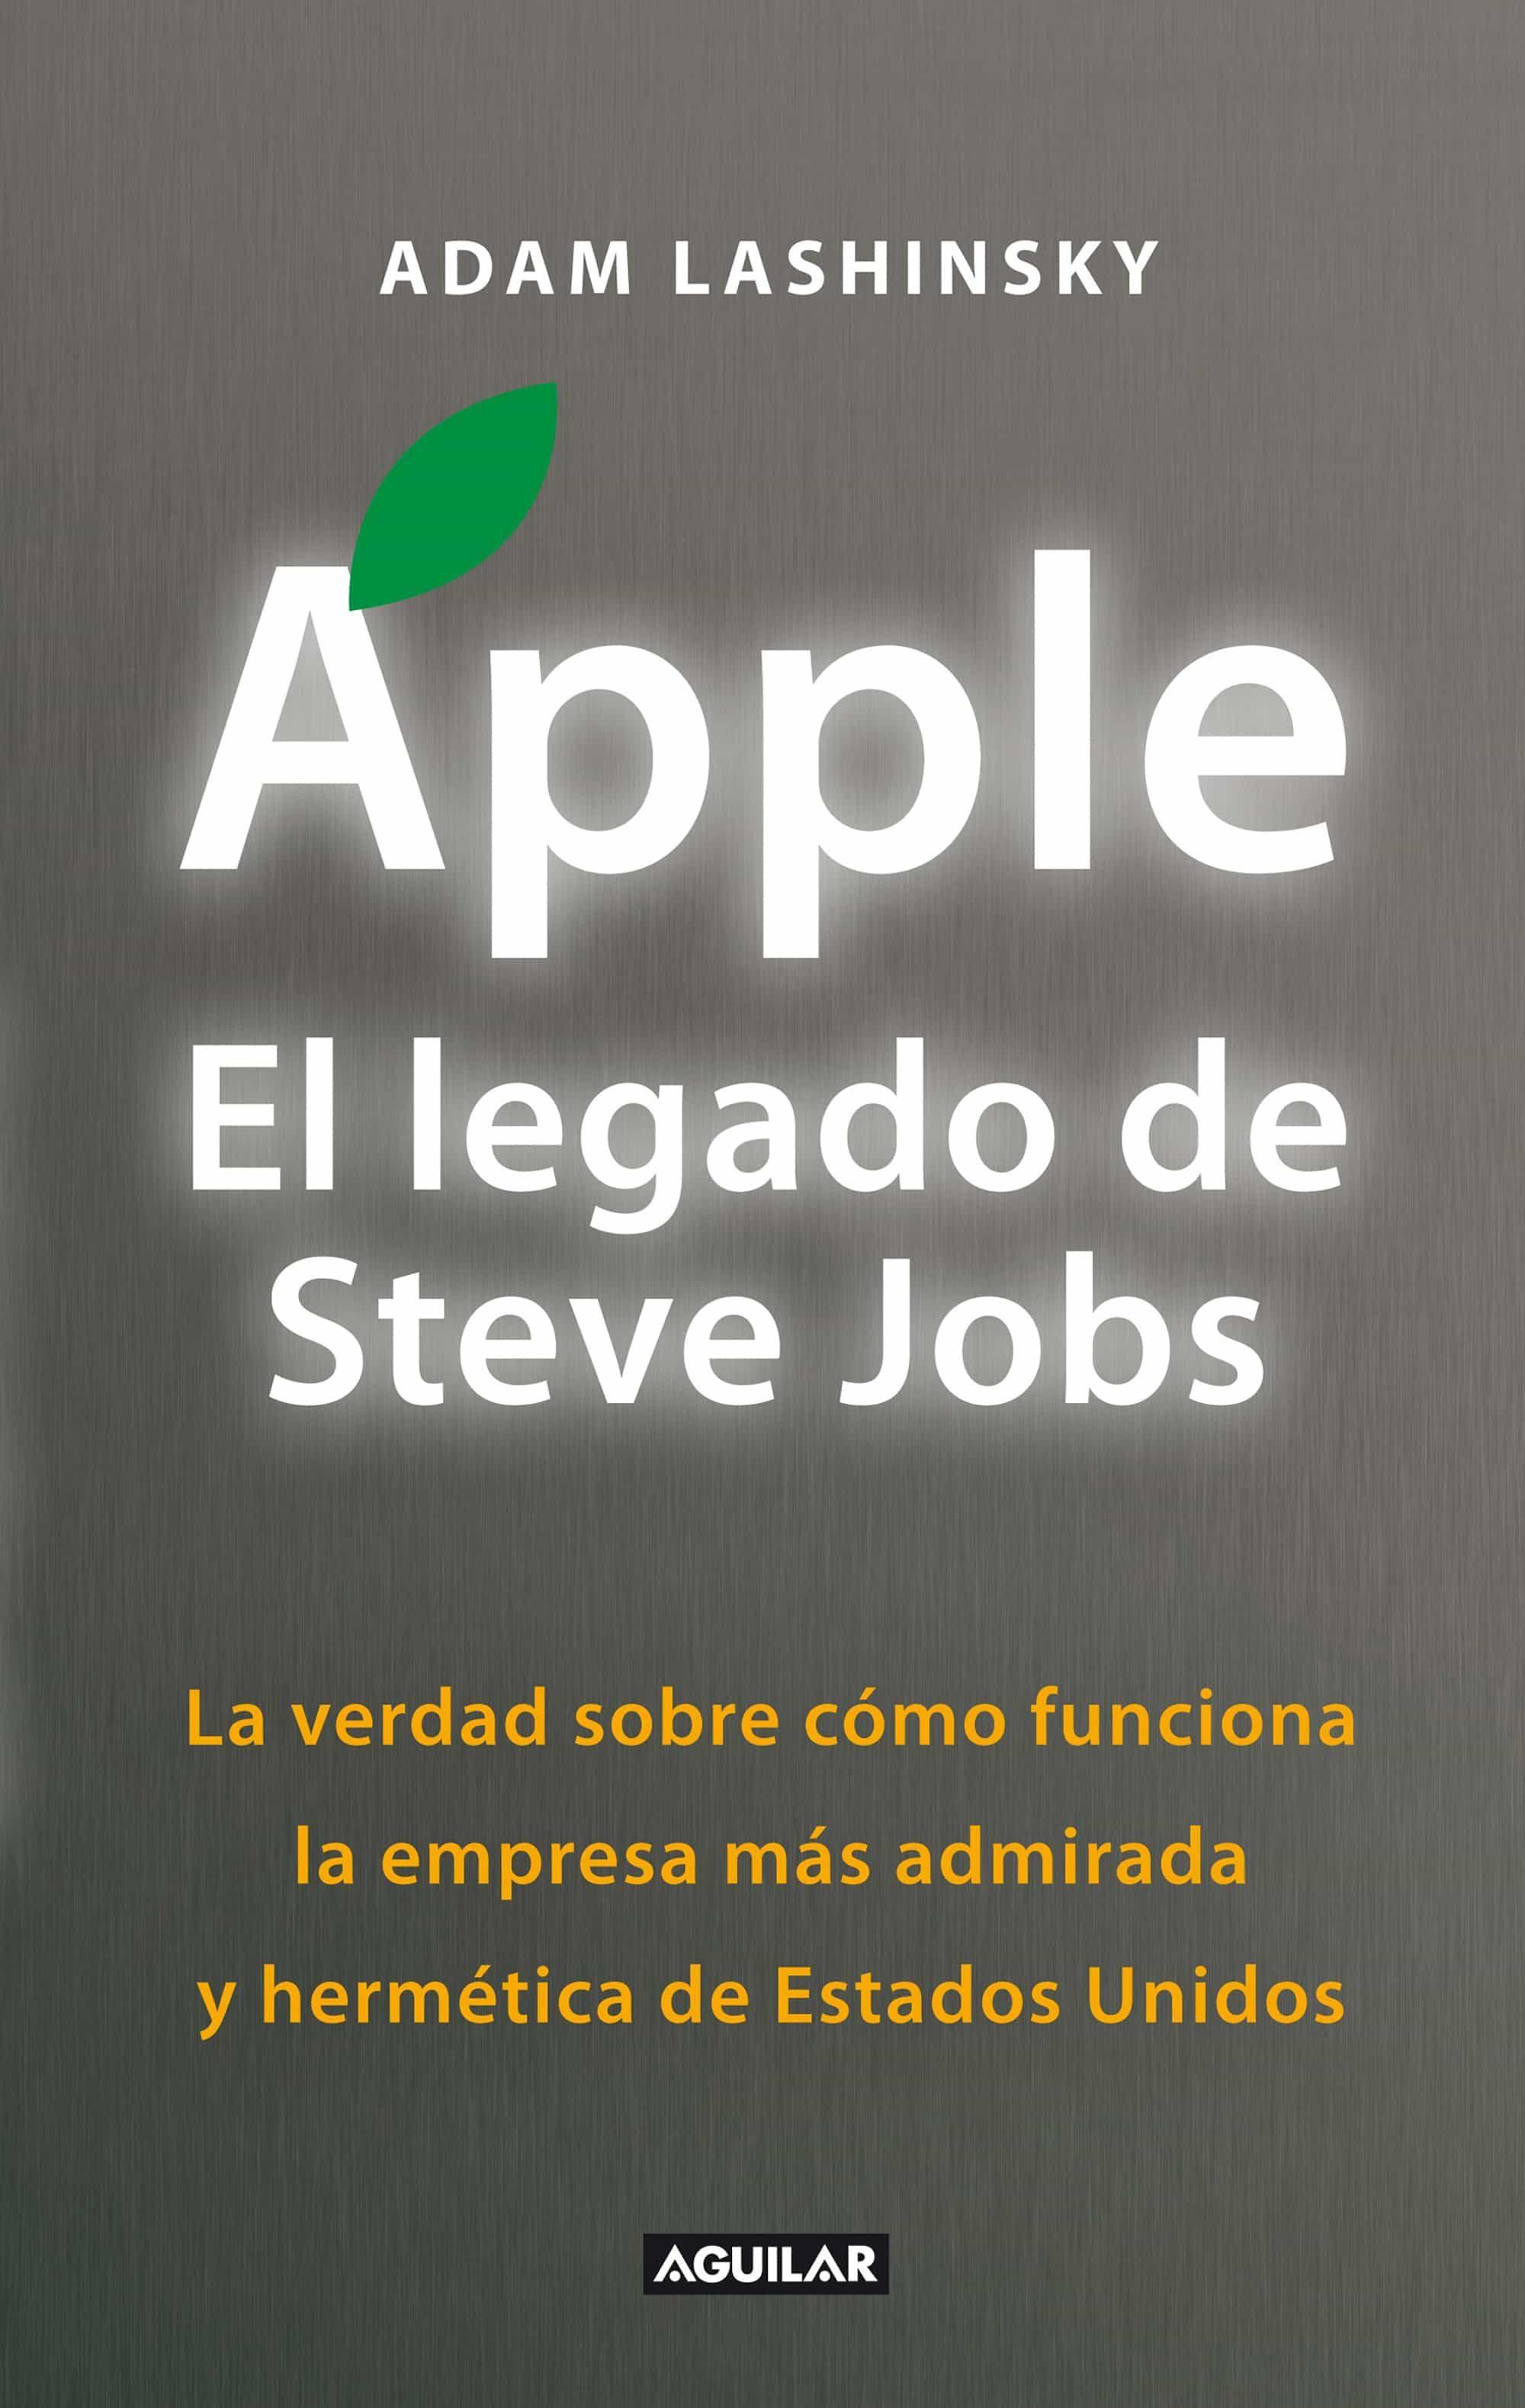 apple el legado de steve jobs ebook adam lashinsky descargar